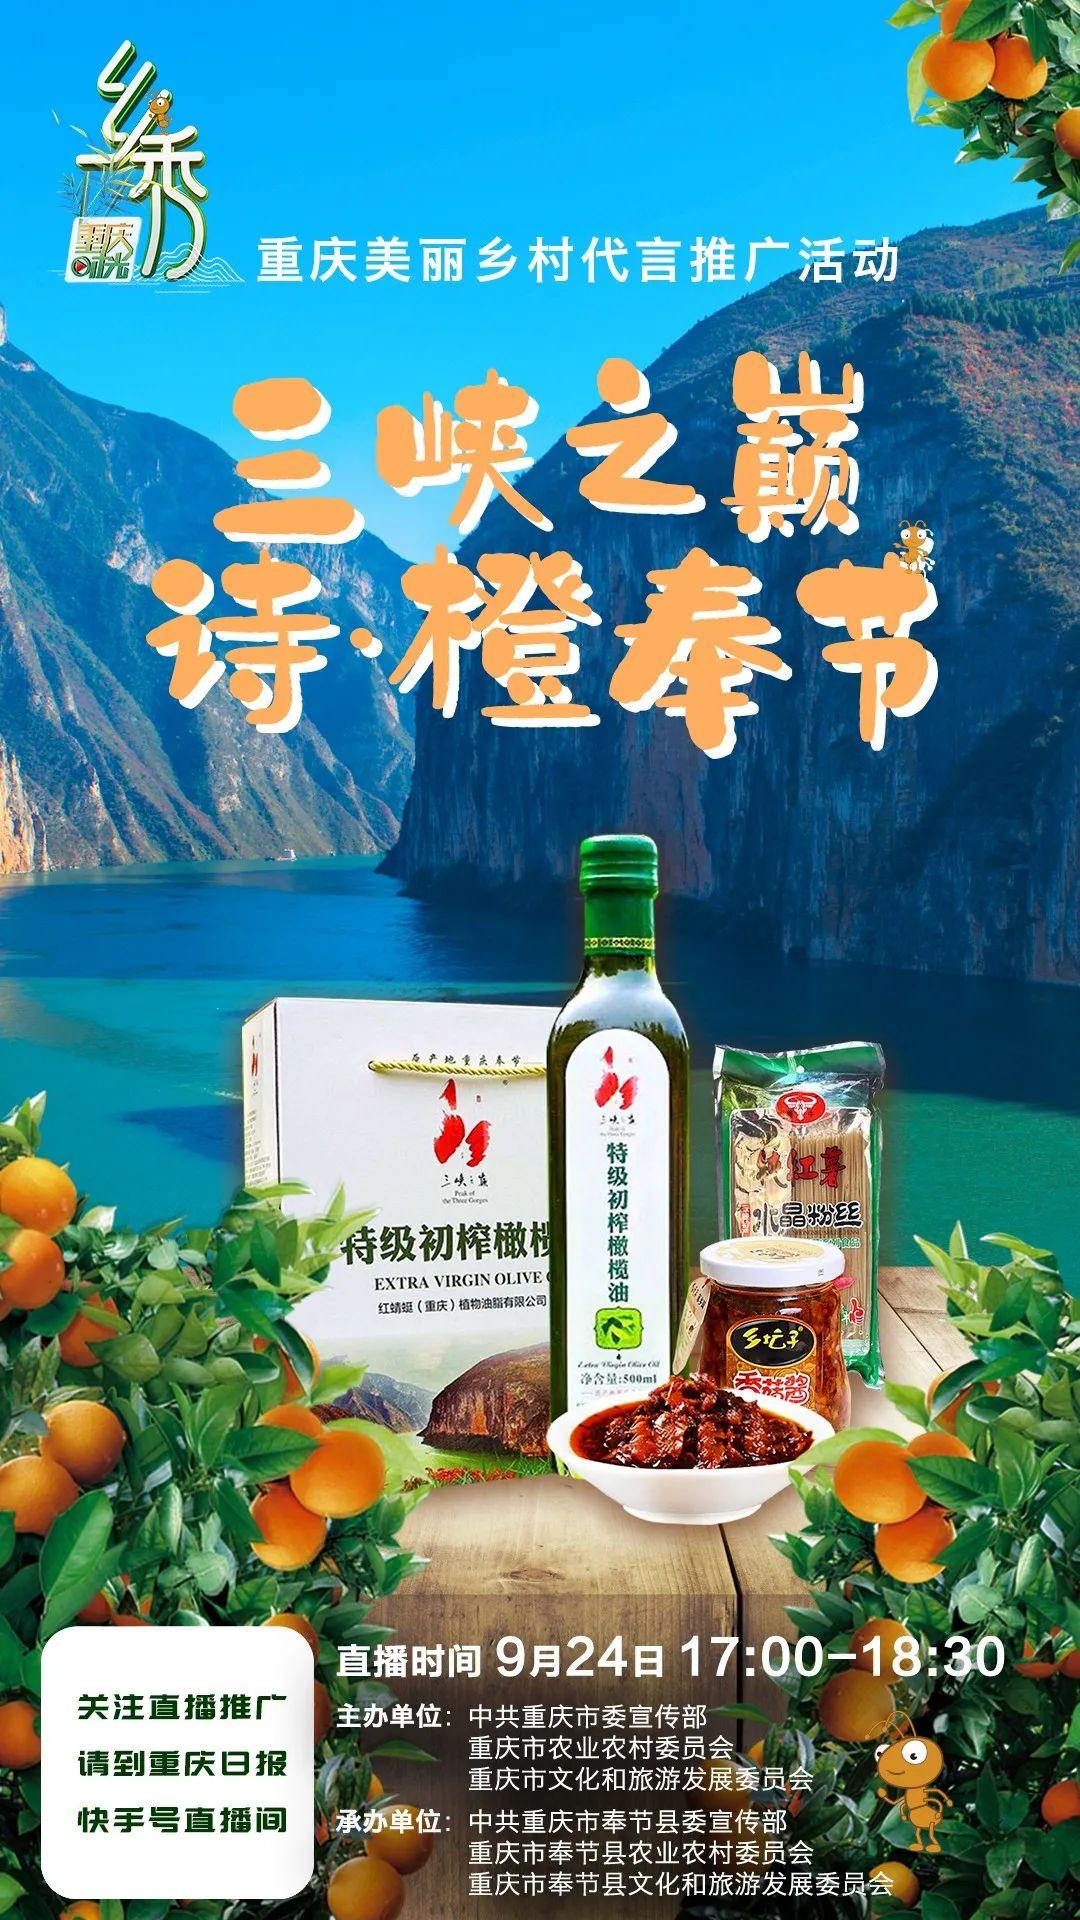 乡秀·重庆时光丨三峡之巅 诗·橙奉节图片